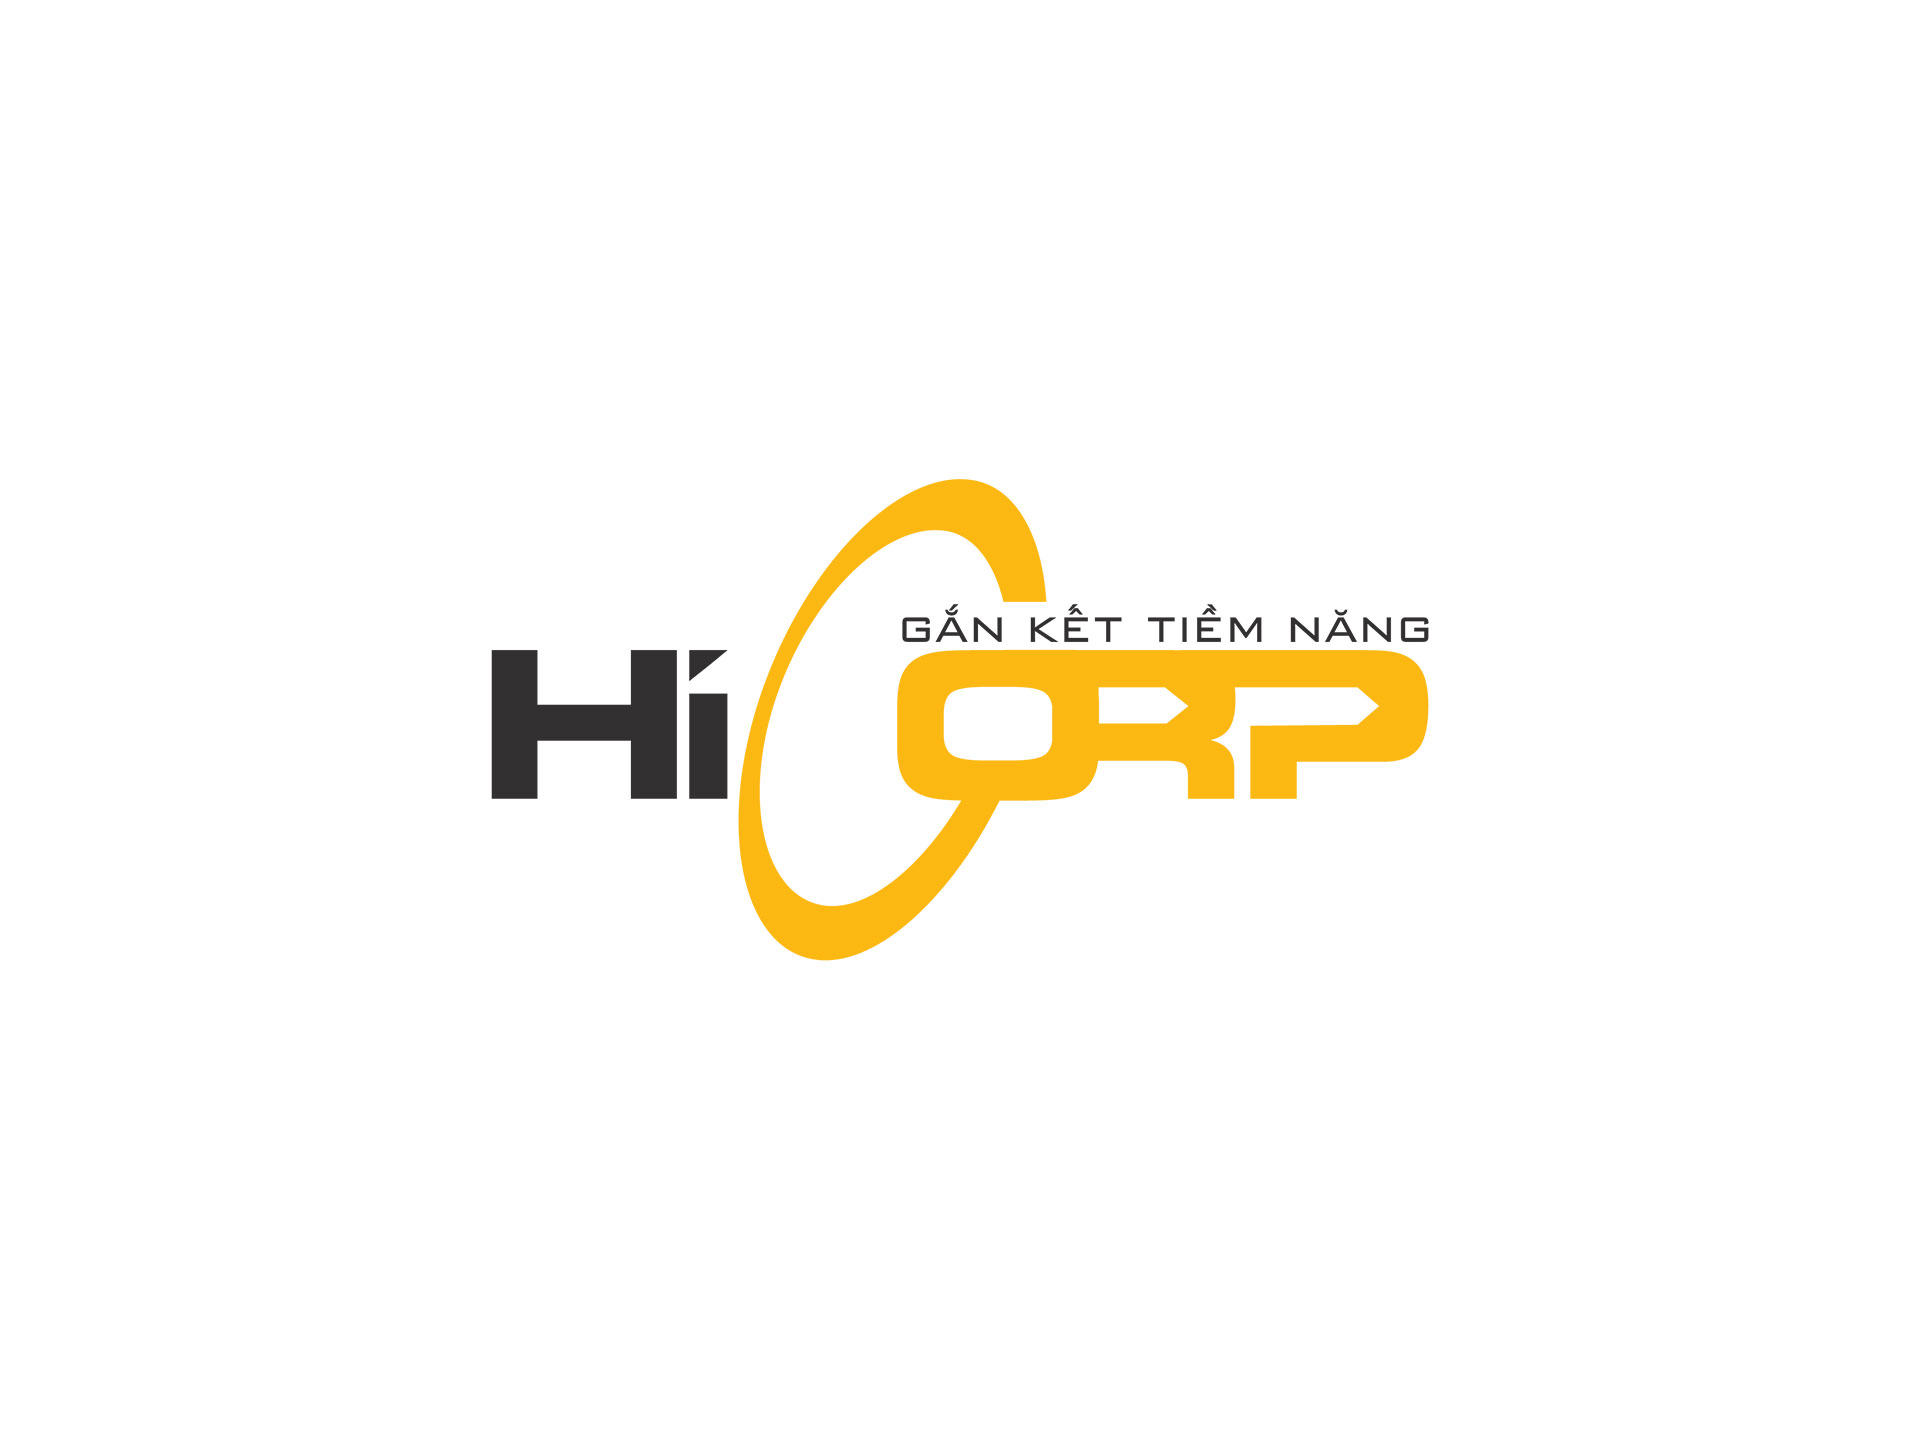 Thiết kế logo và nhận diện thương hiệu cơ bản công ty cổ phần phát triển hạ tầng Hà Nội tại Hà Nội